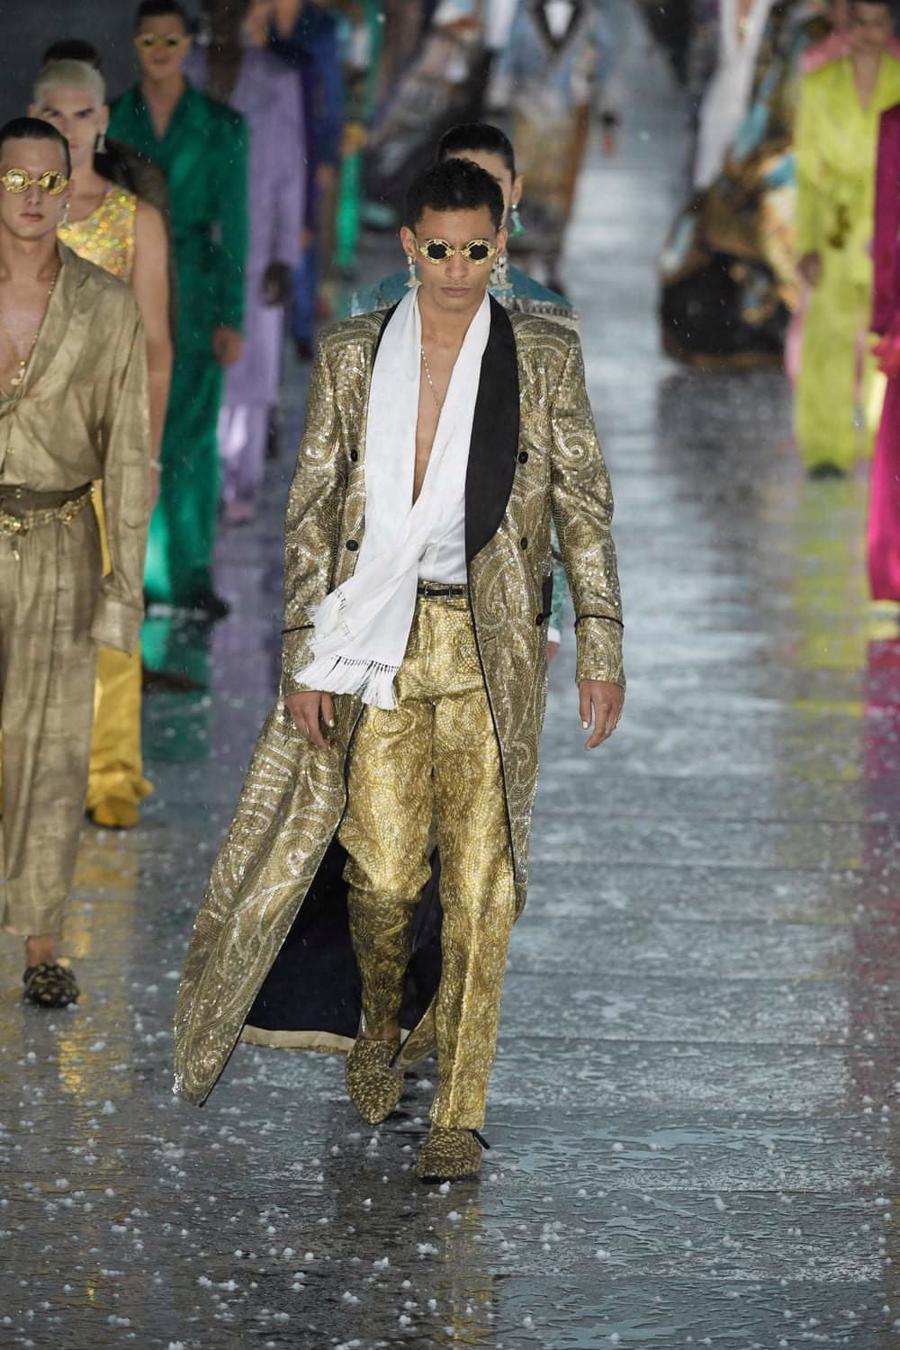 Thế giới chứng kiến những gì sau bữa tiệc xa hoa của Dolce & Gabbana? - Ảnh 15